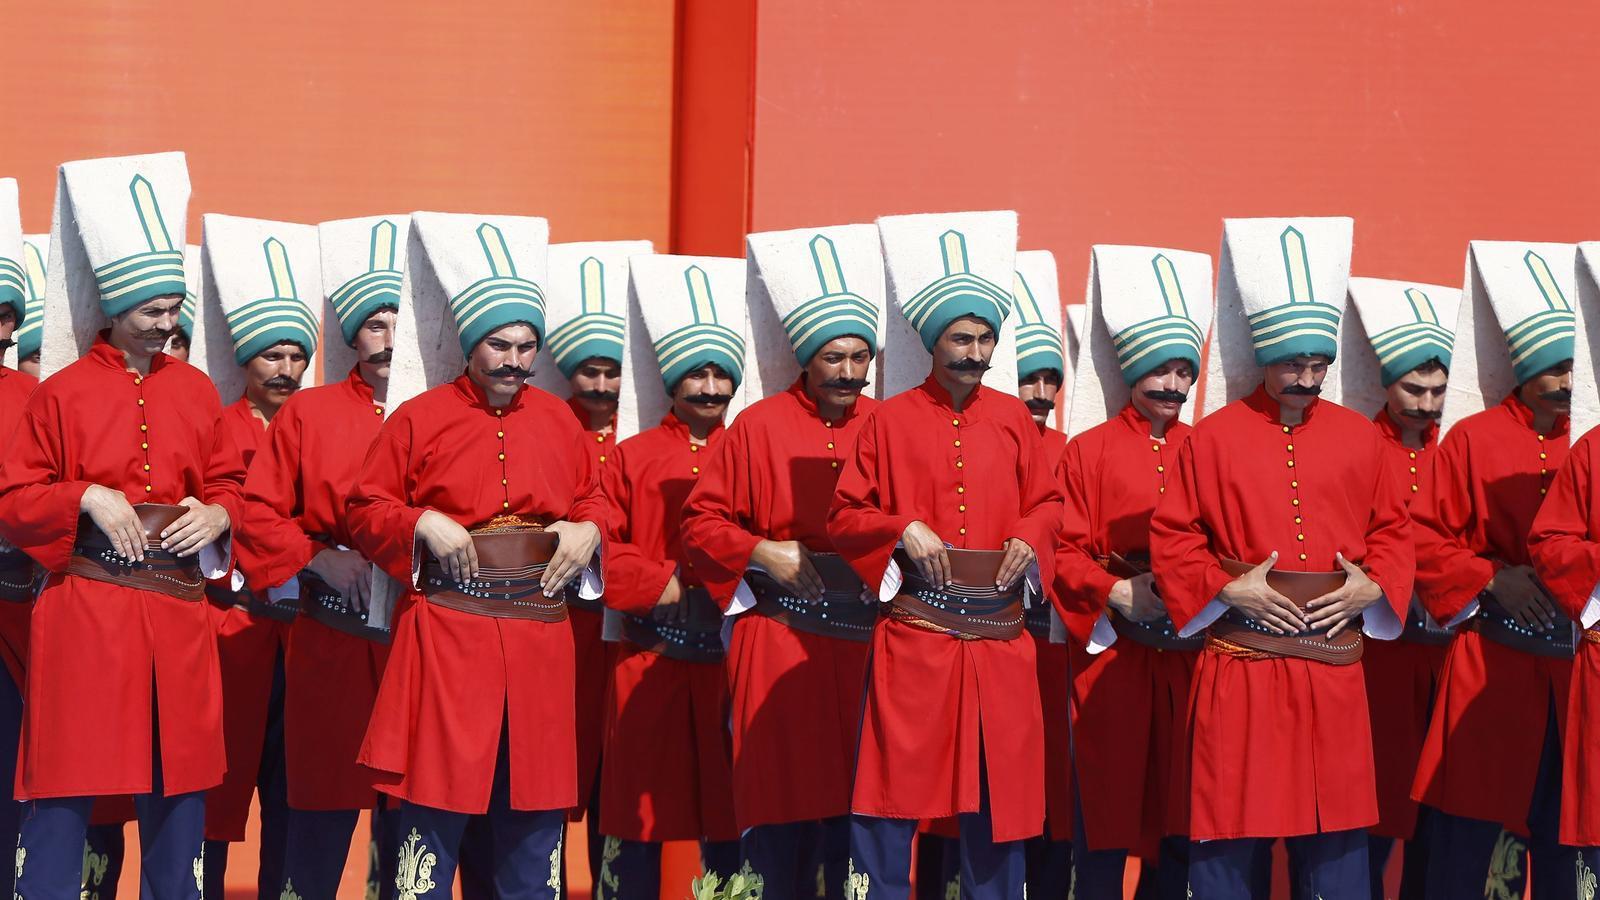 Vestits tradicionals dels militars otomans en una manifestació a Istanbul.